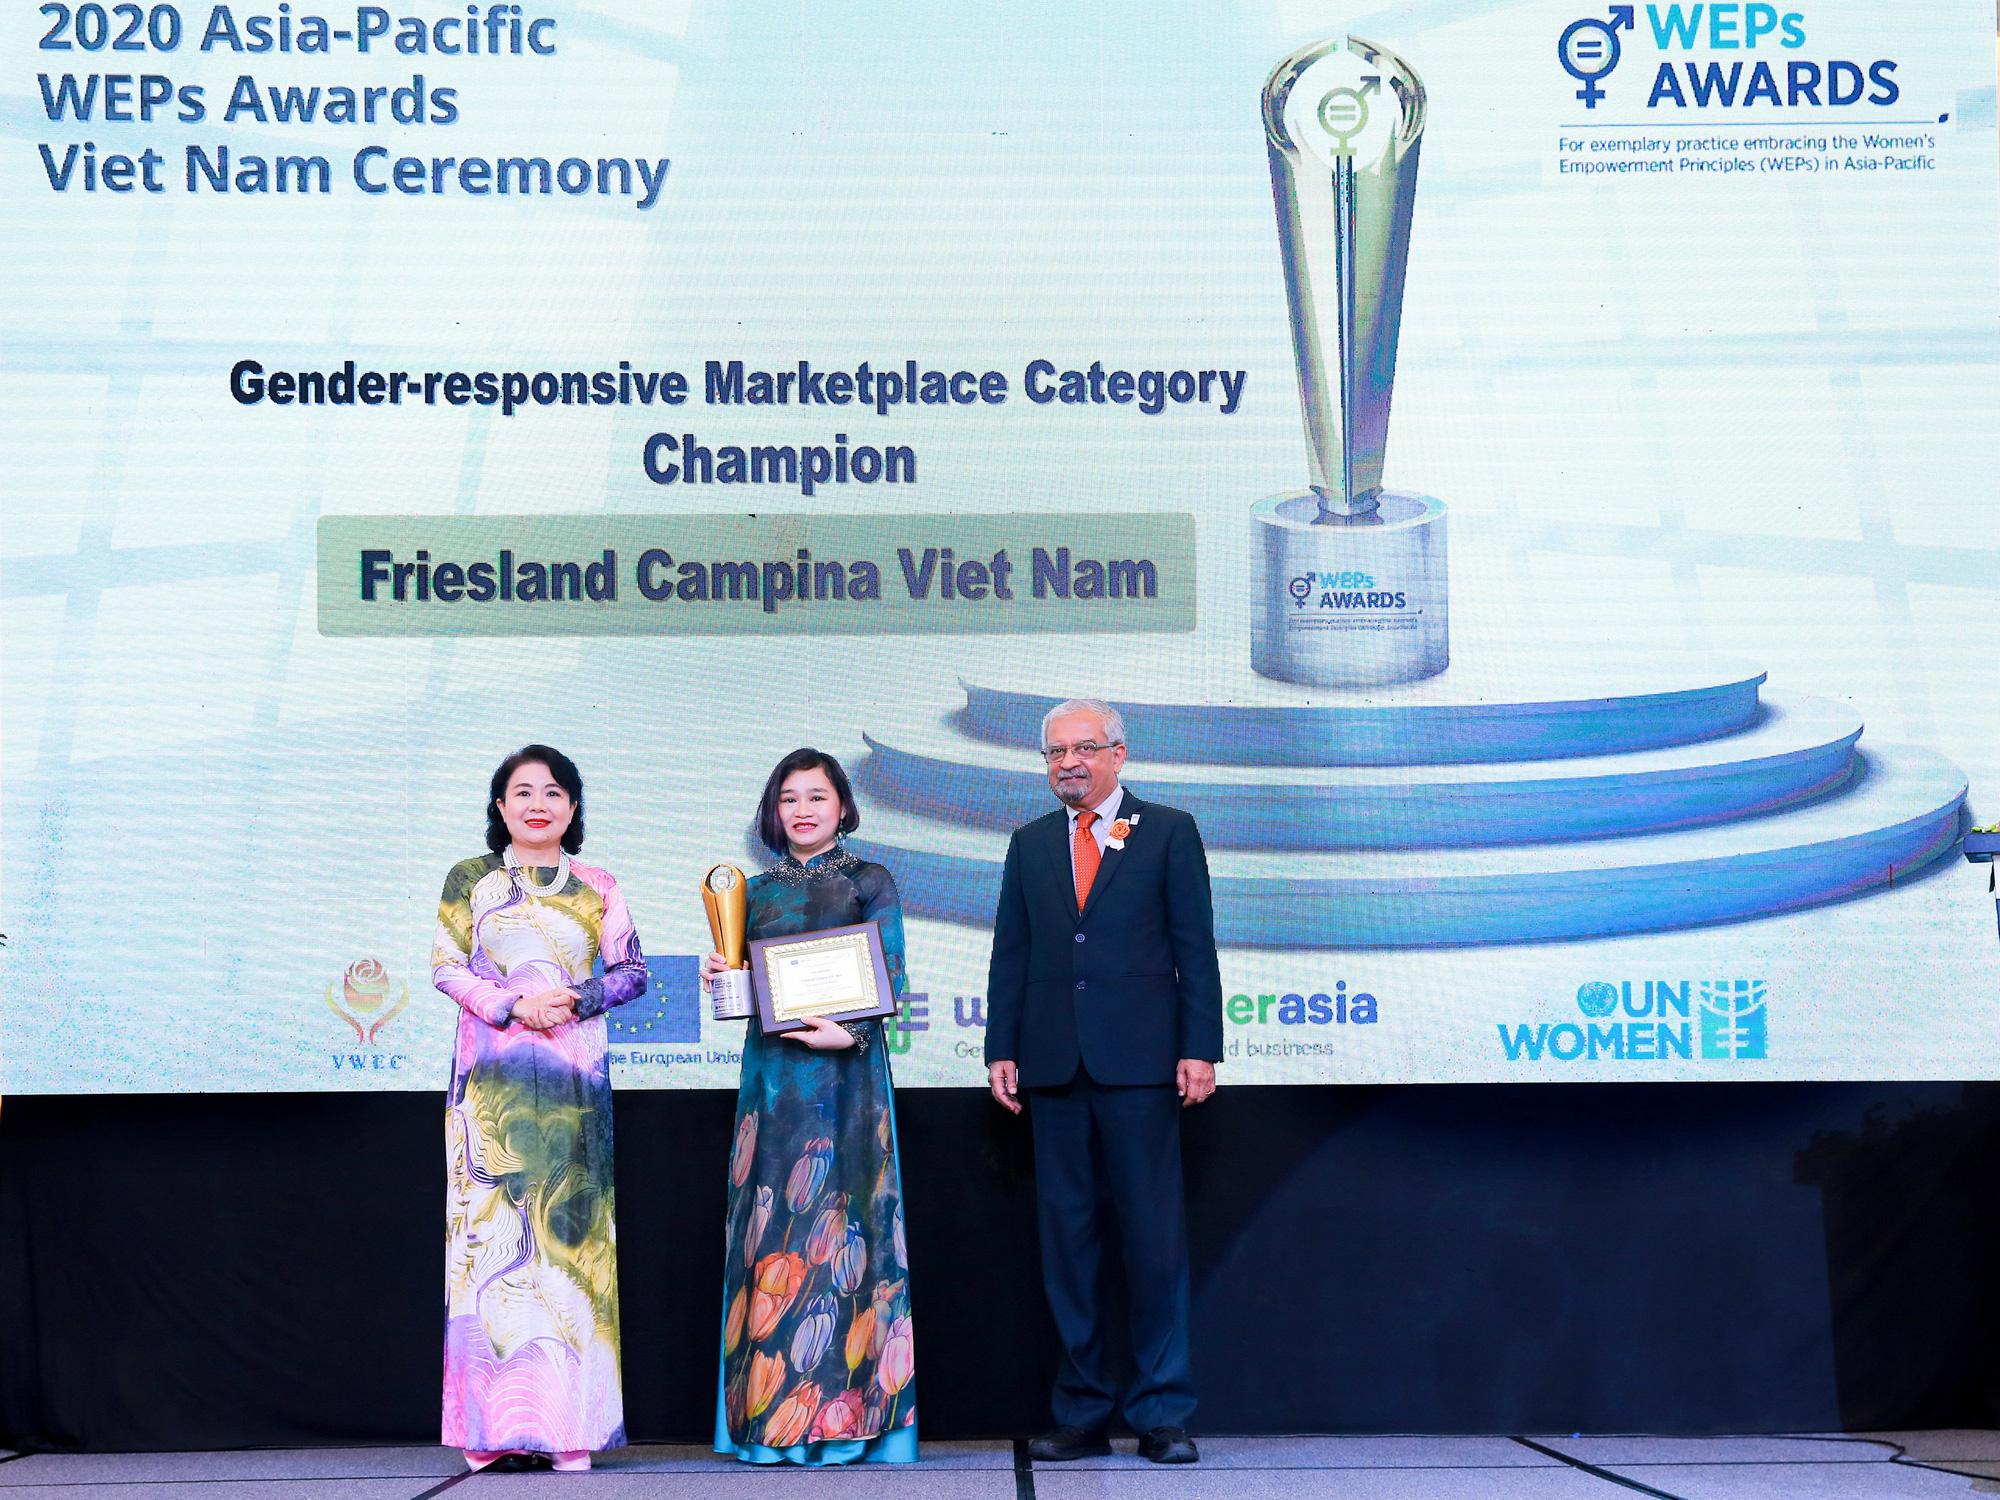 FrieslandCampina Vietnam nhận giải thưởng Trao quyền cho Phụ nữ khu vực châu Á – Thái Bình Dương - Ảnh 1.